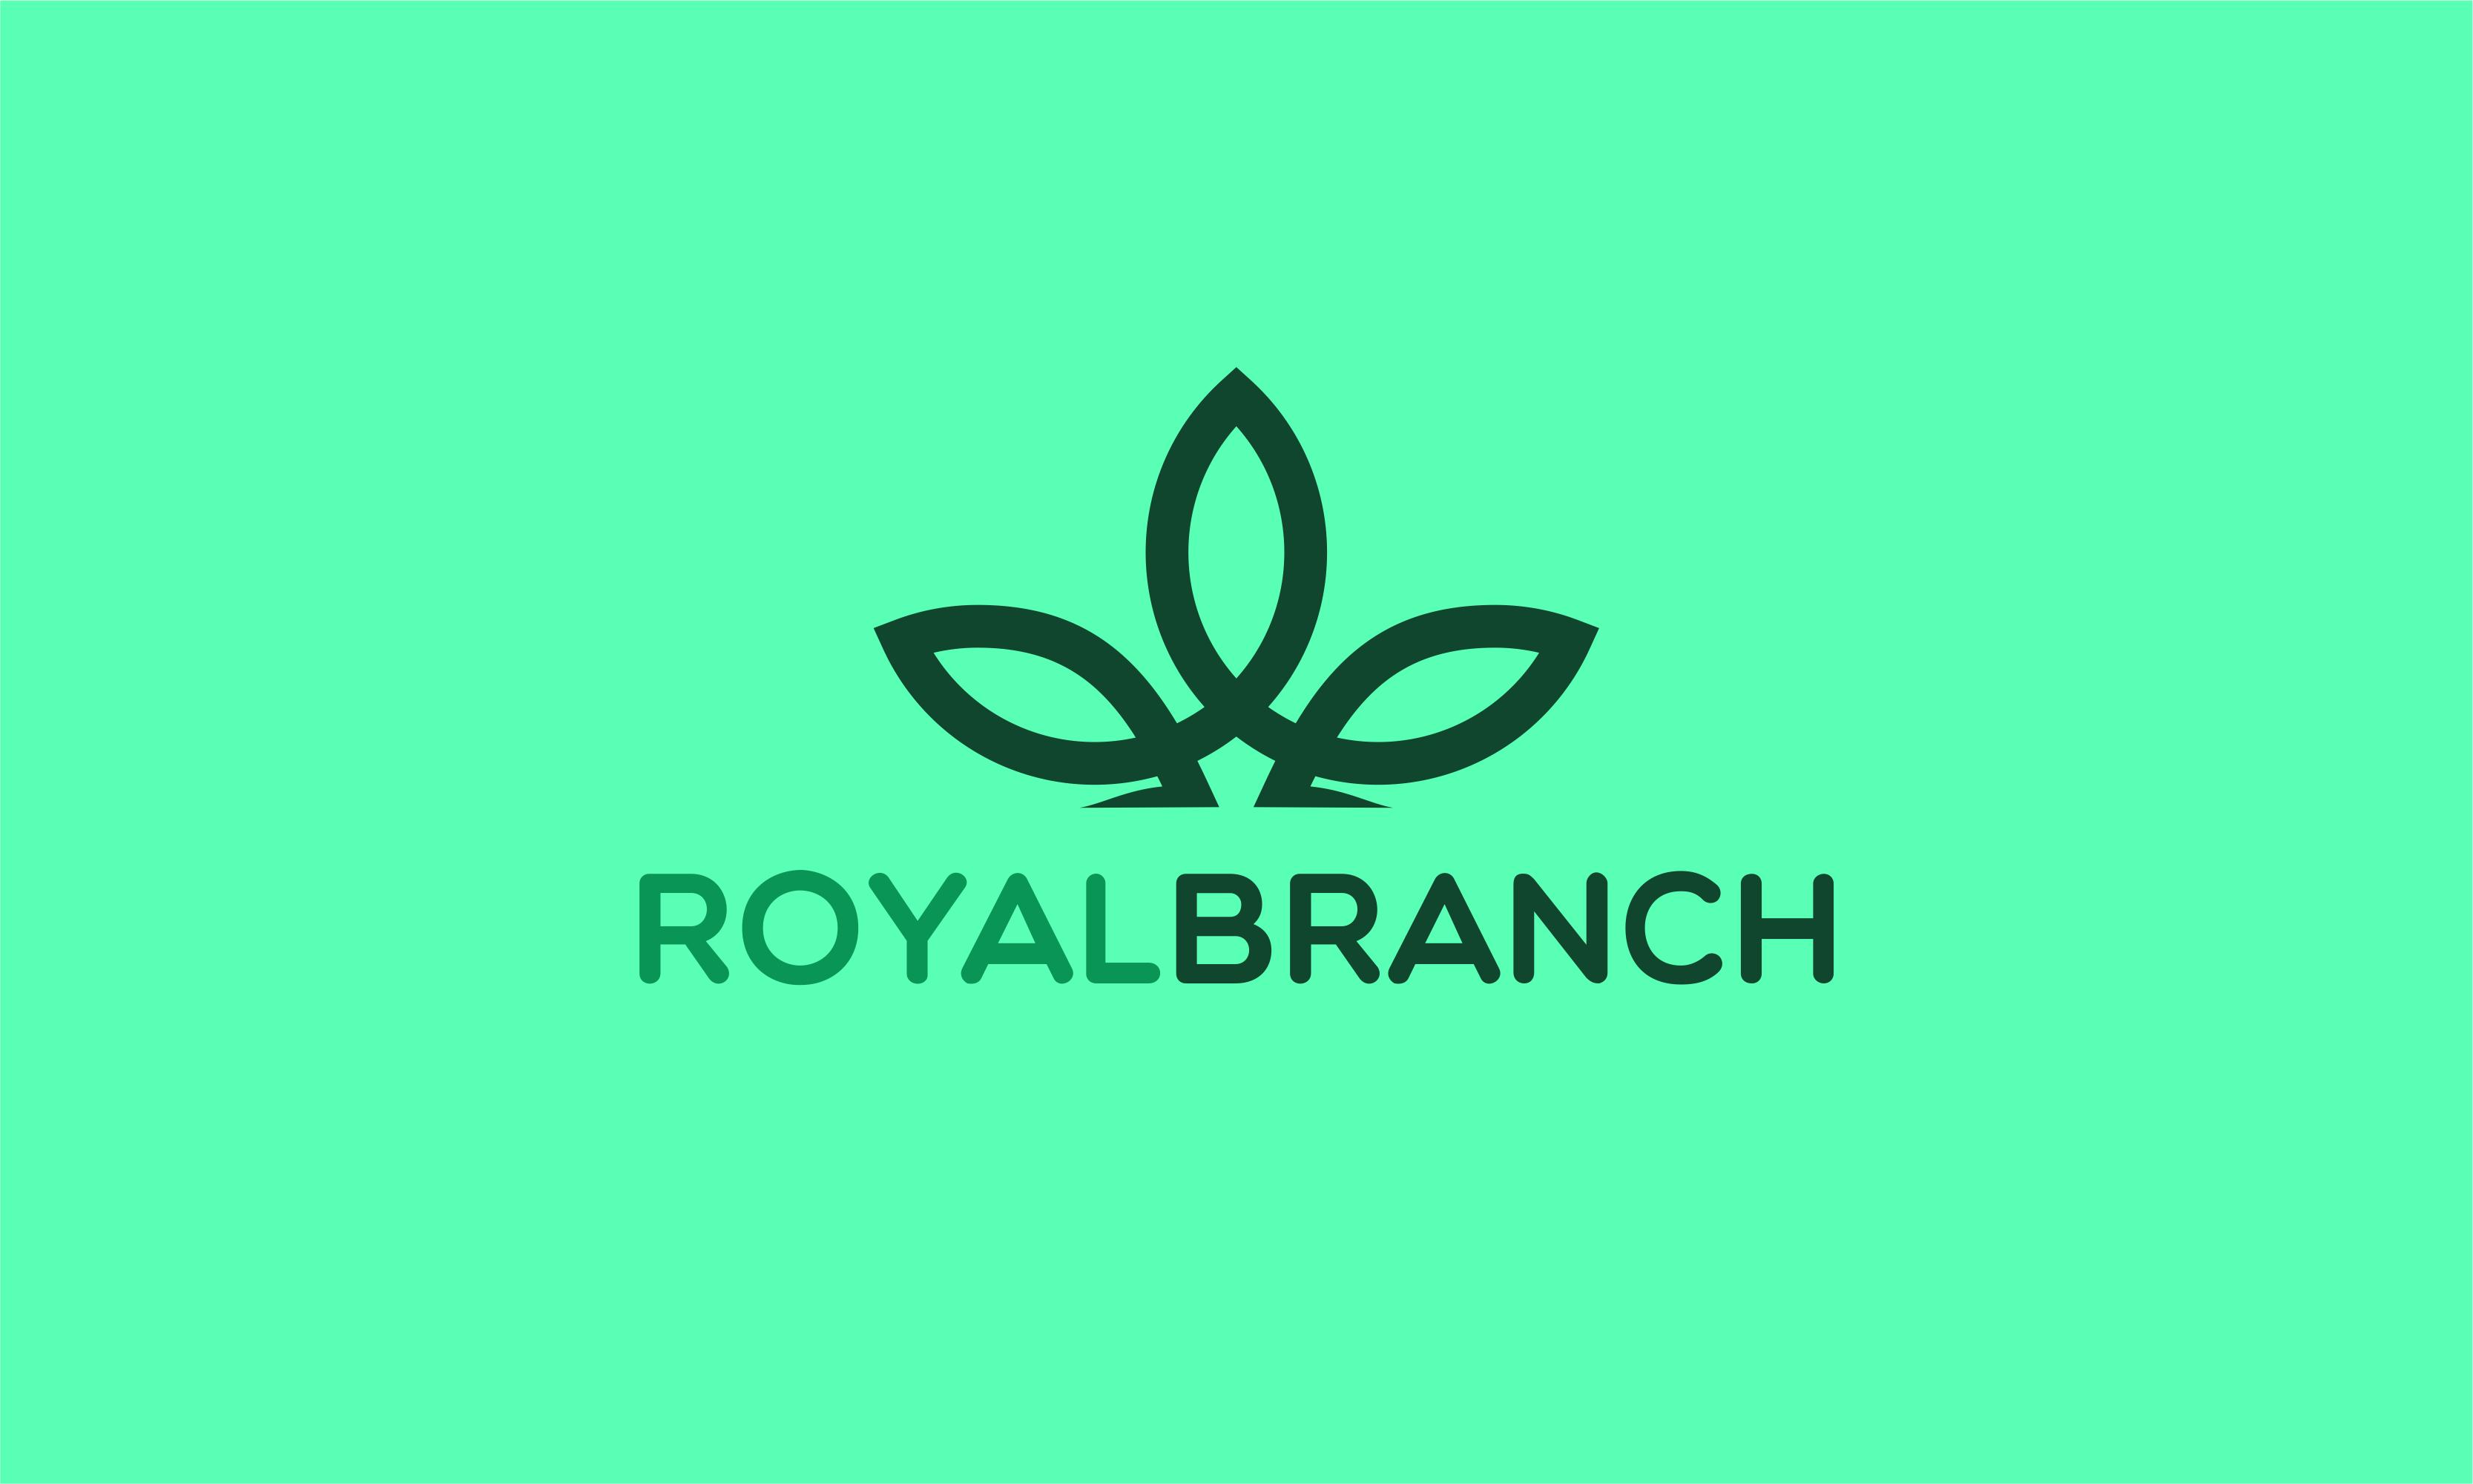 Royalbranch